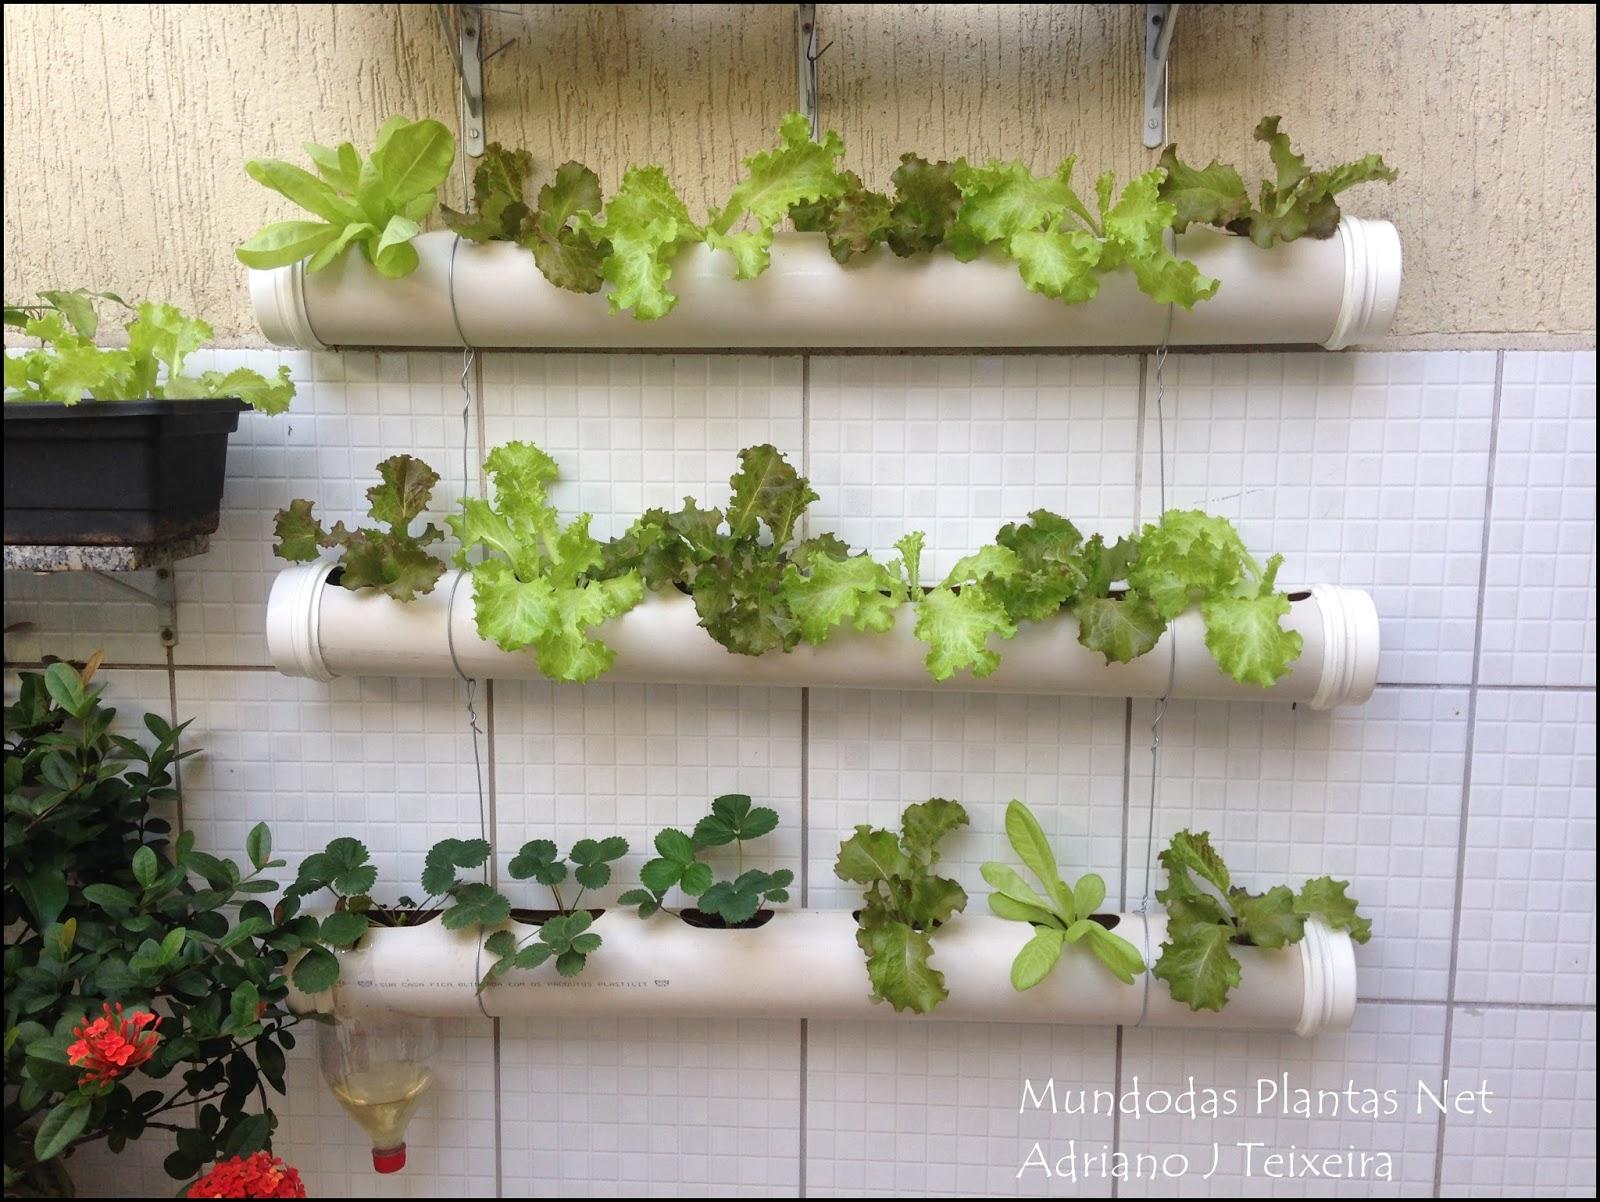 uma horta vertical com tubos de pvc em sua casa